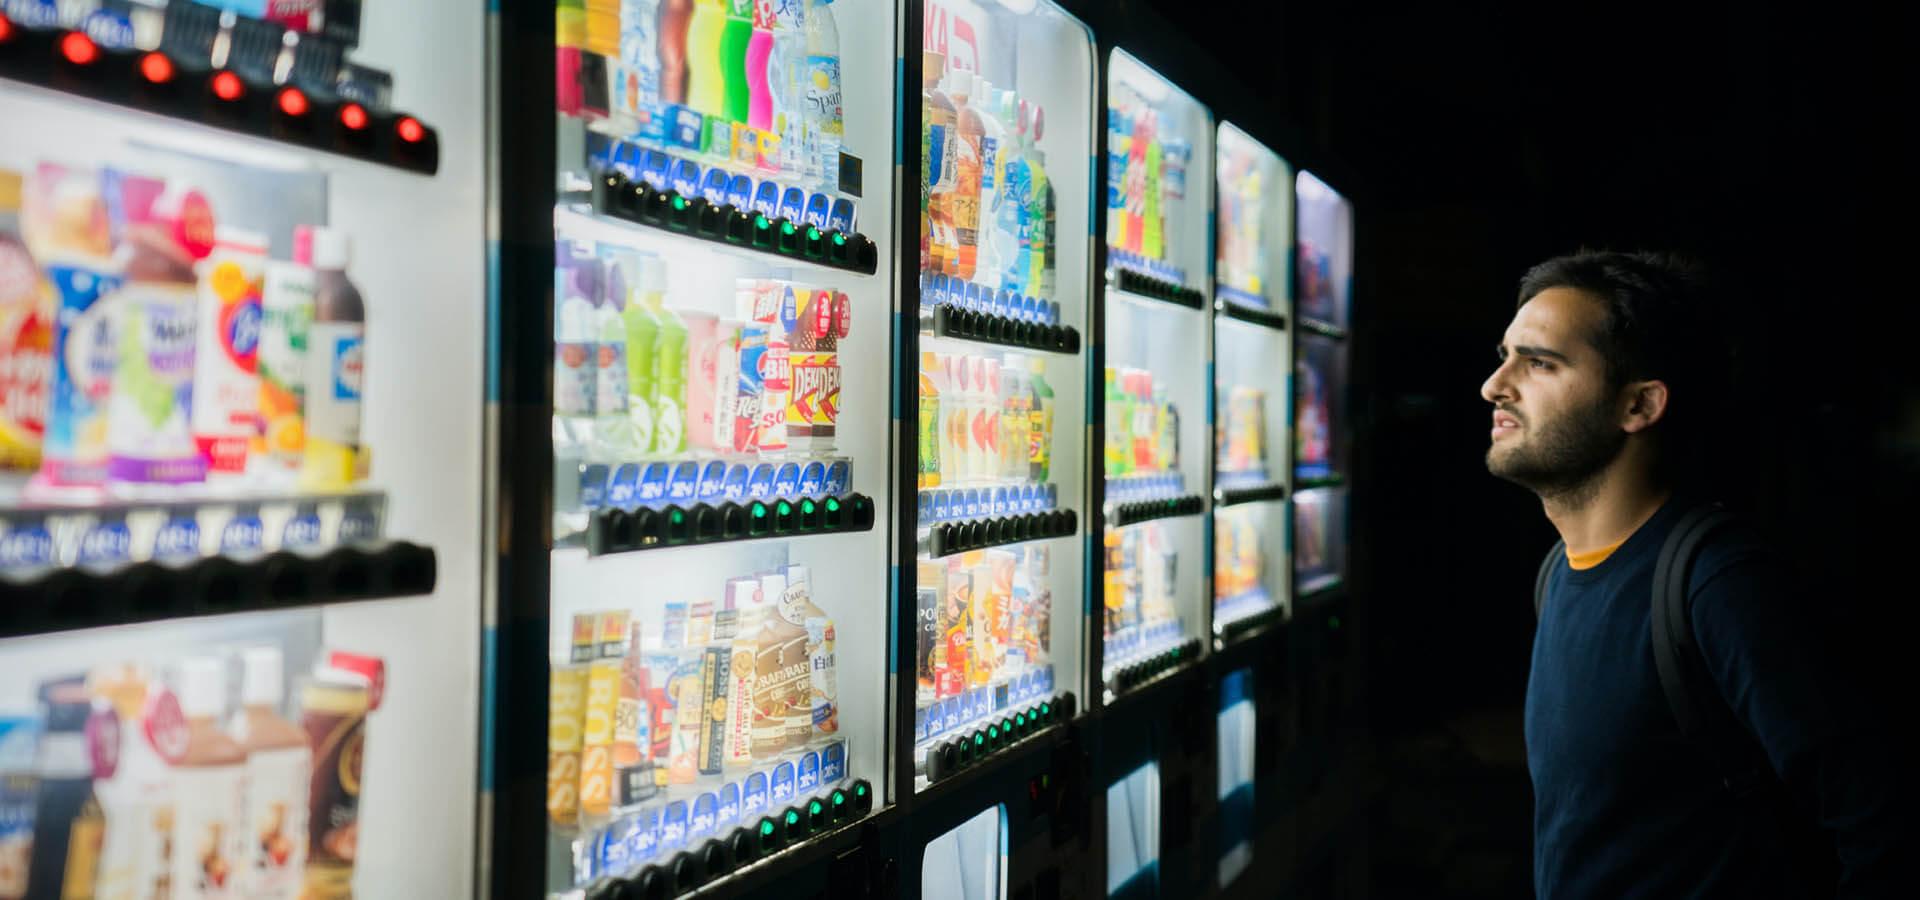 Man looking at drinks in vending machines